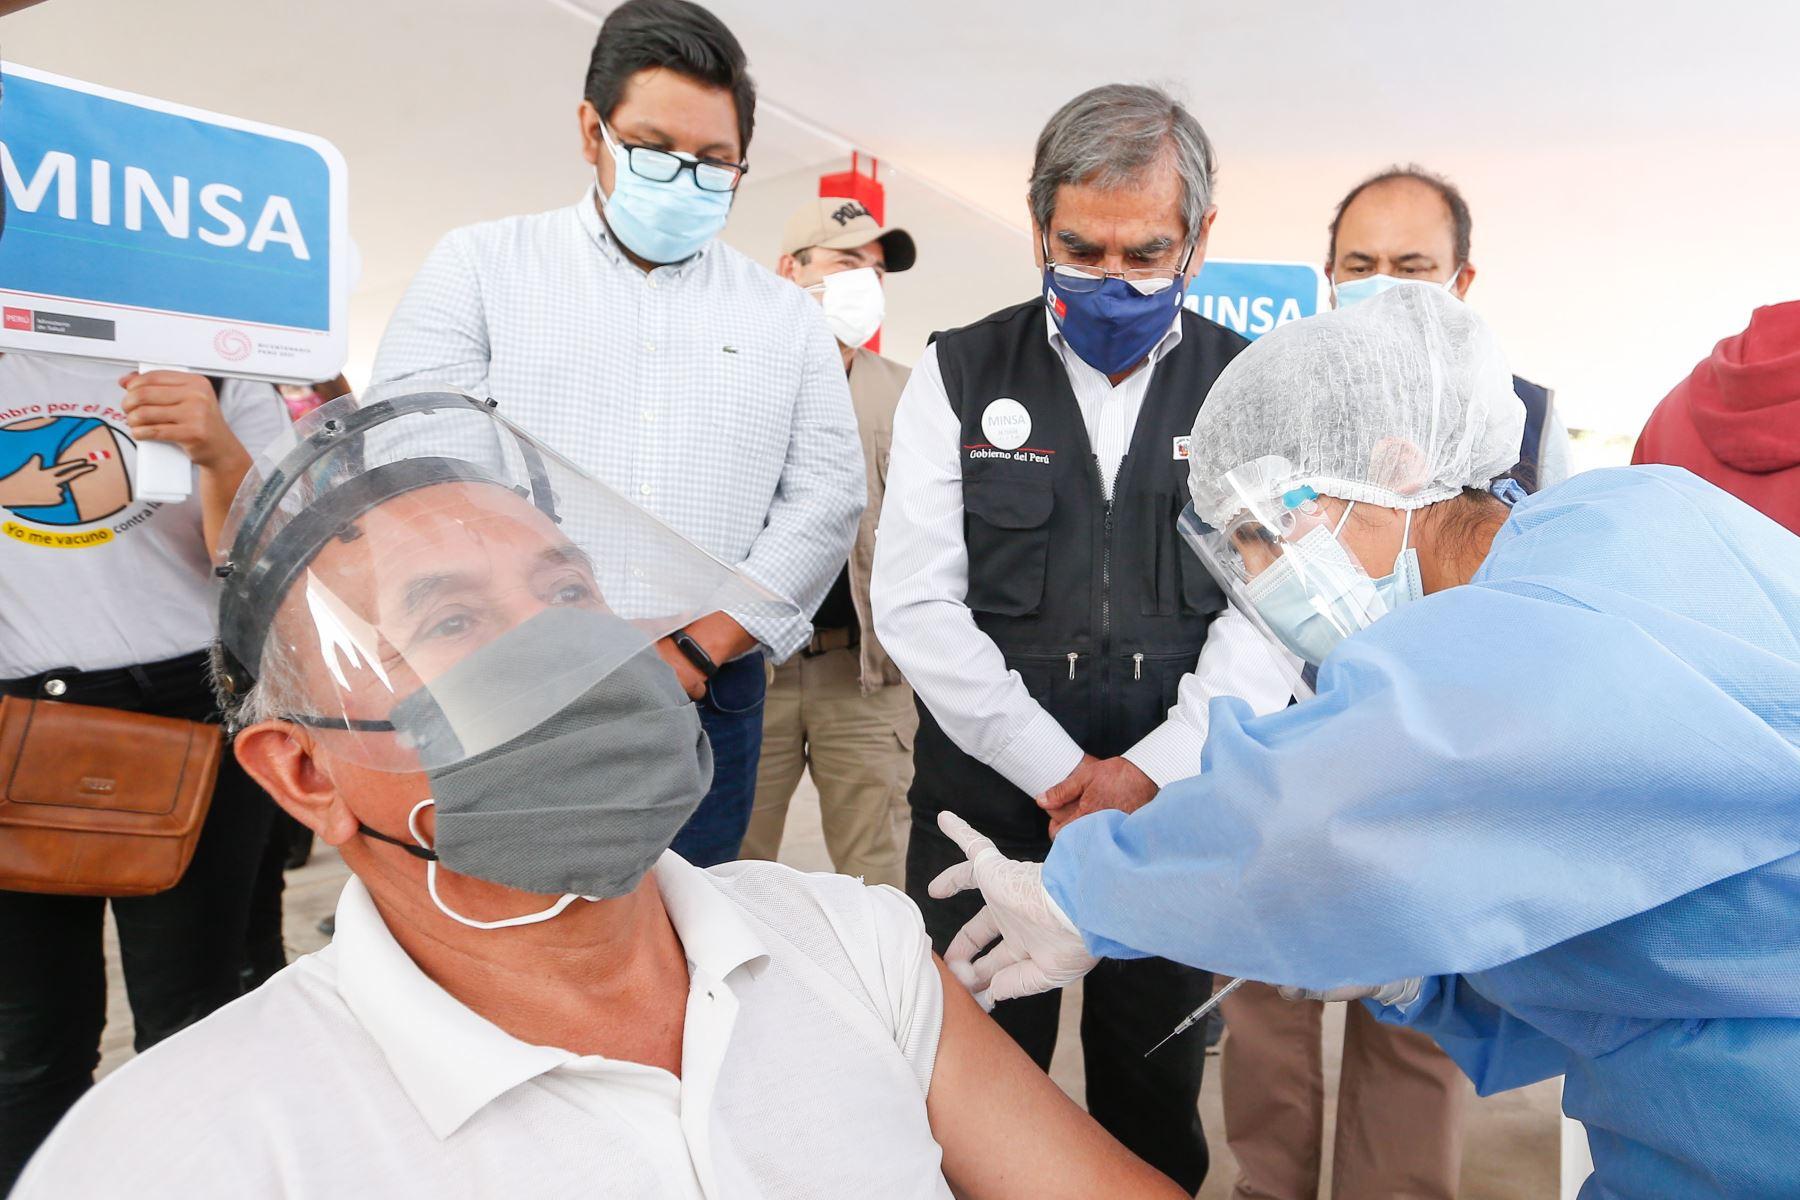 Ministro de Salud, Óscar Ugarte supervisa la vacunación contra la covid-19 en el distrito de Puente Piedra. Foto: Minsa